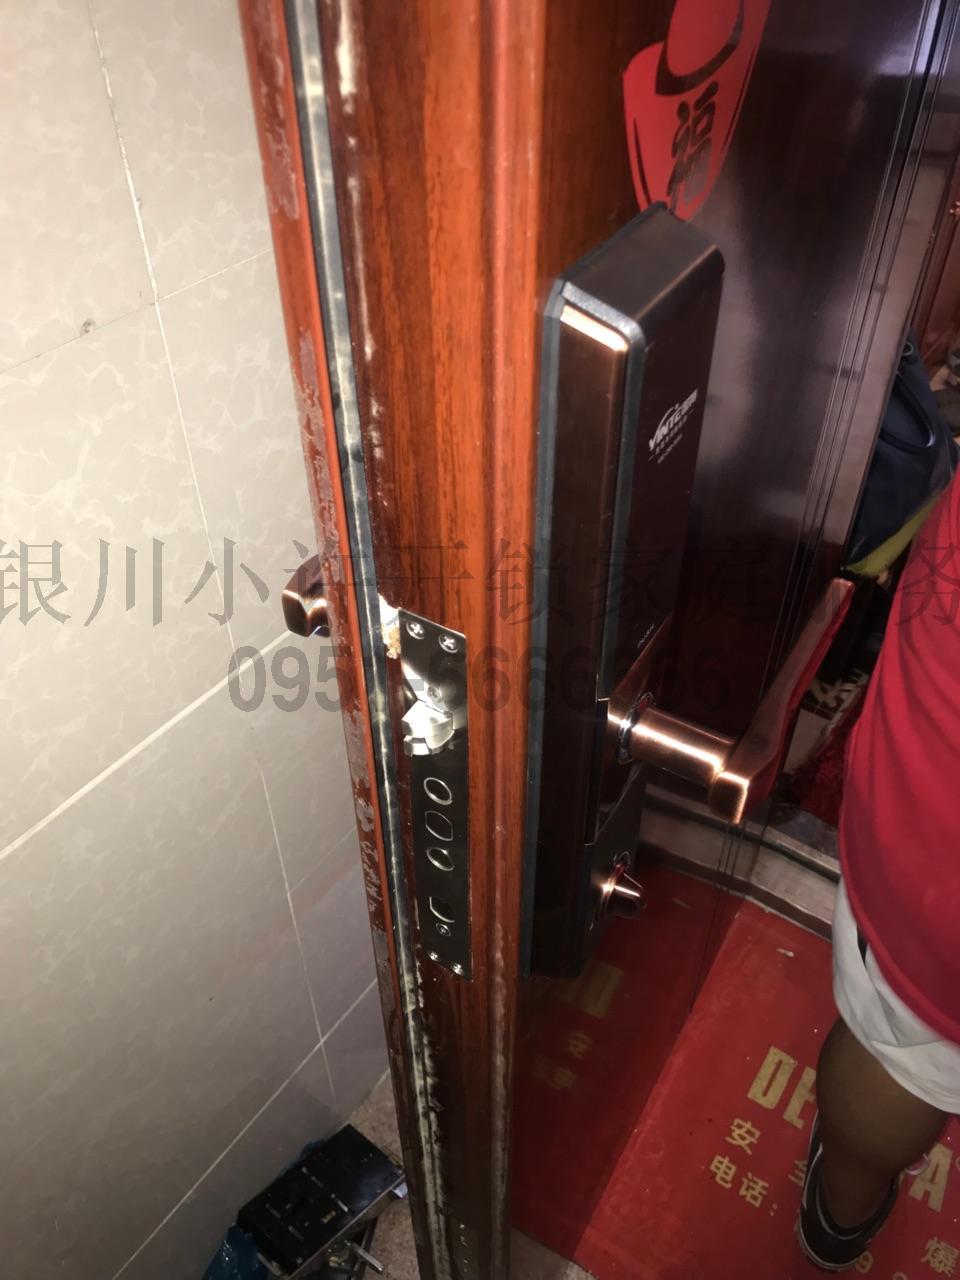 回家方便_安全、防盗、高大尚_换品牌指纹锁_选因特